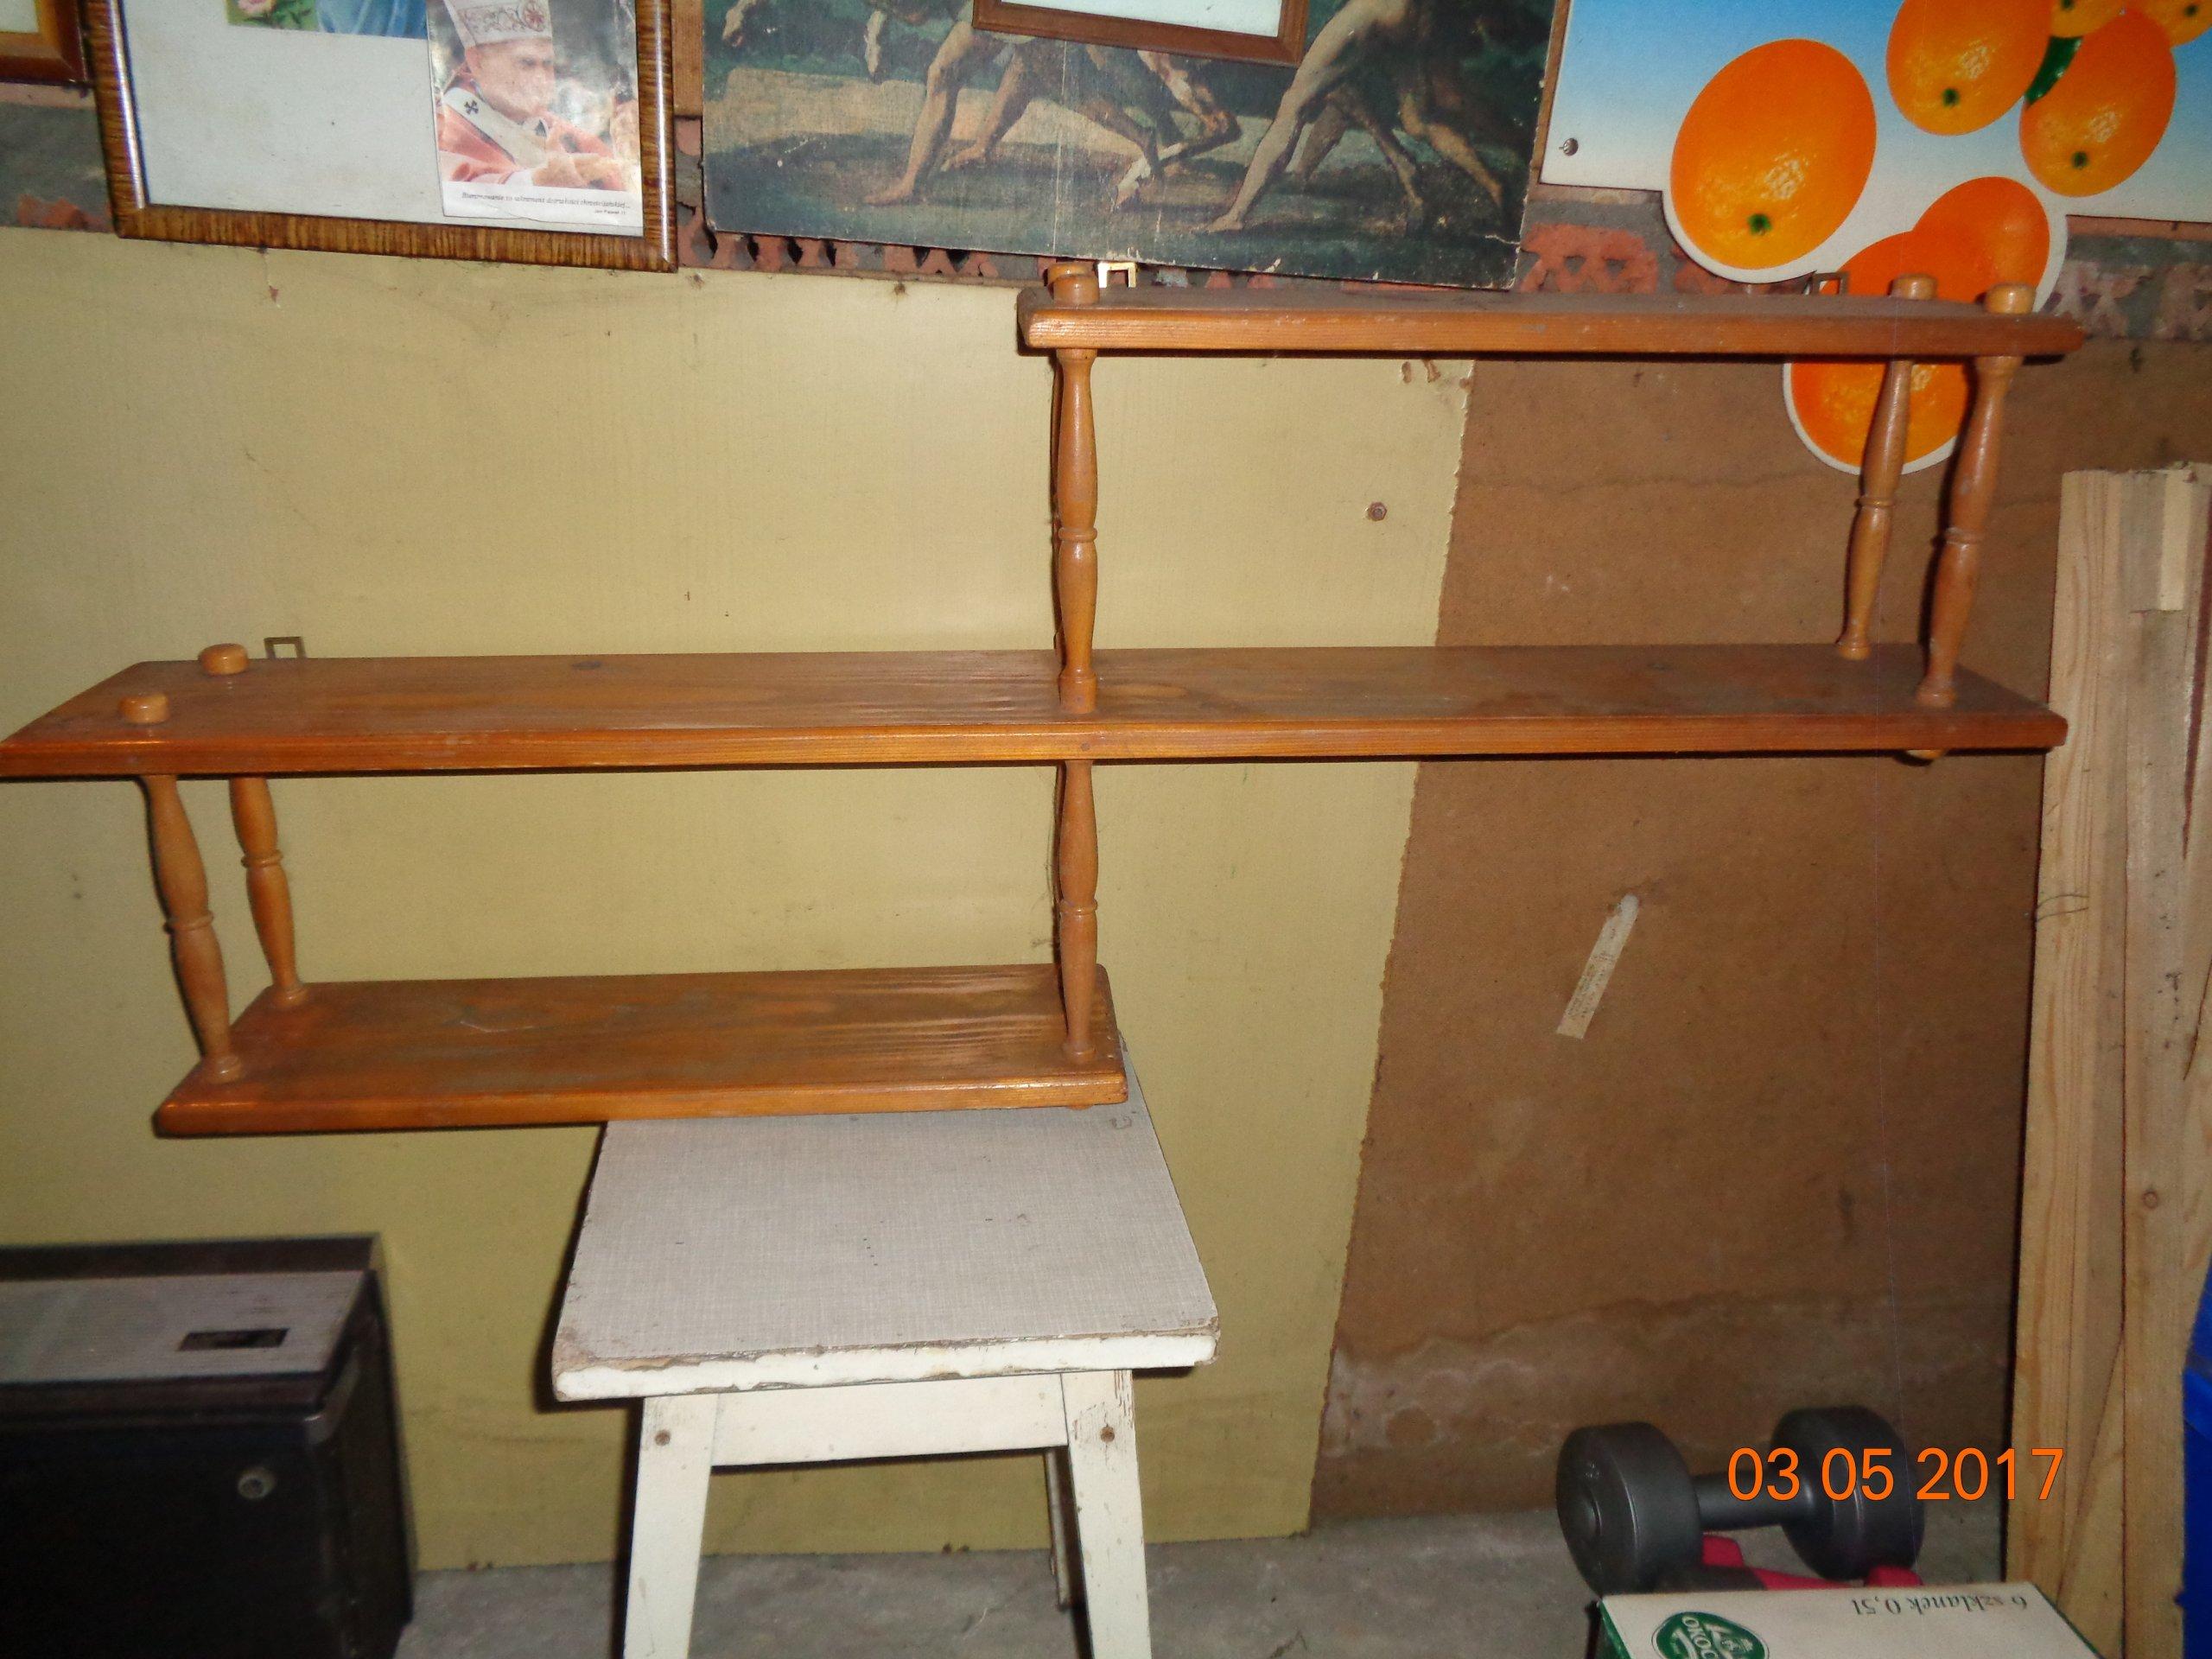 Półka Drewniana Na ściane 7144192342 Oficjalne Archiwum